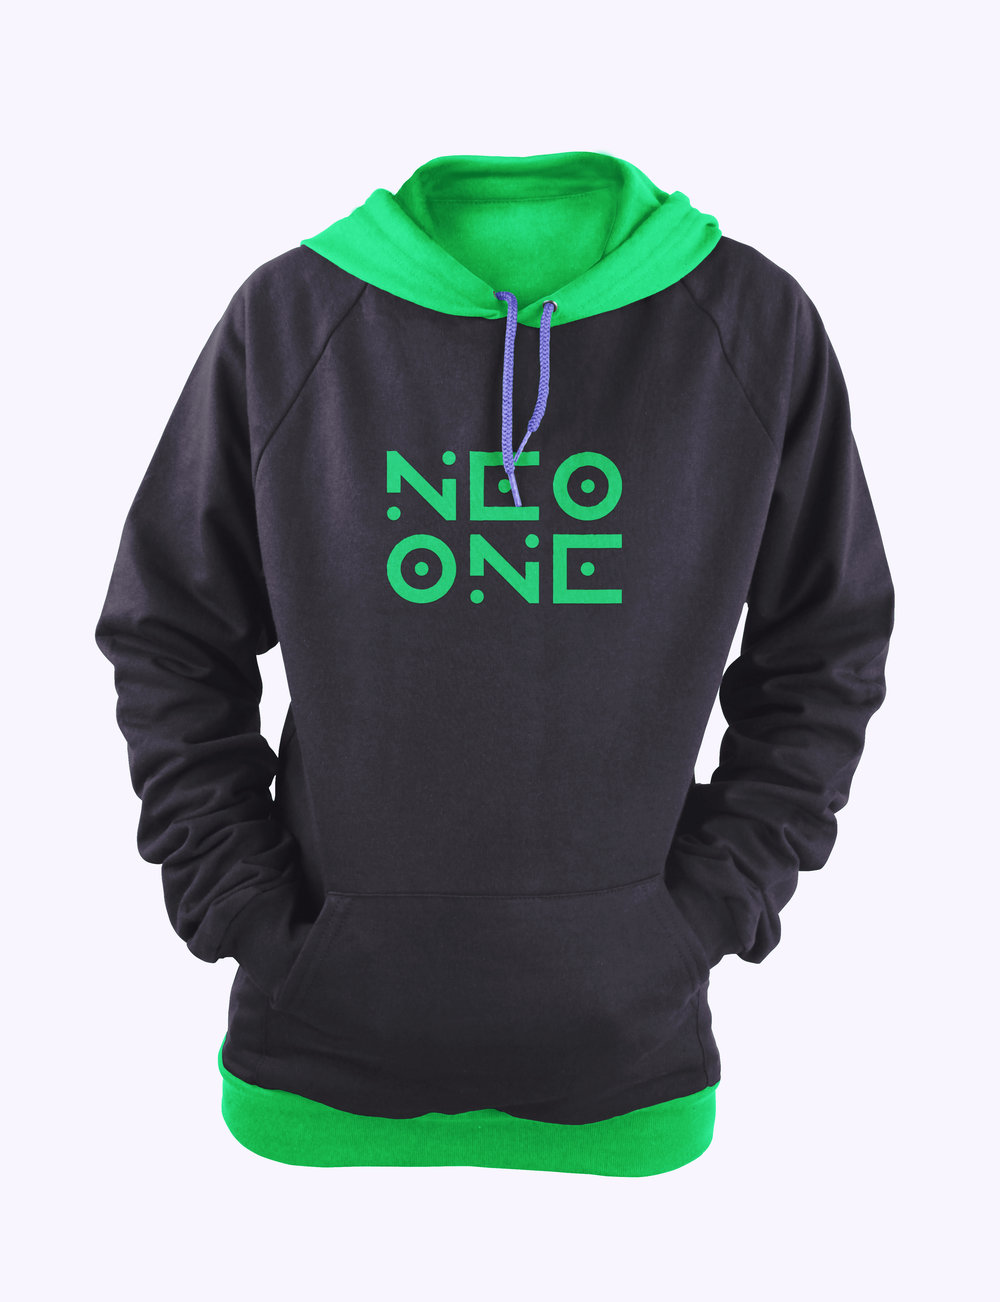 NEOB001_hoodie_01.jpg